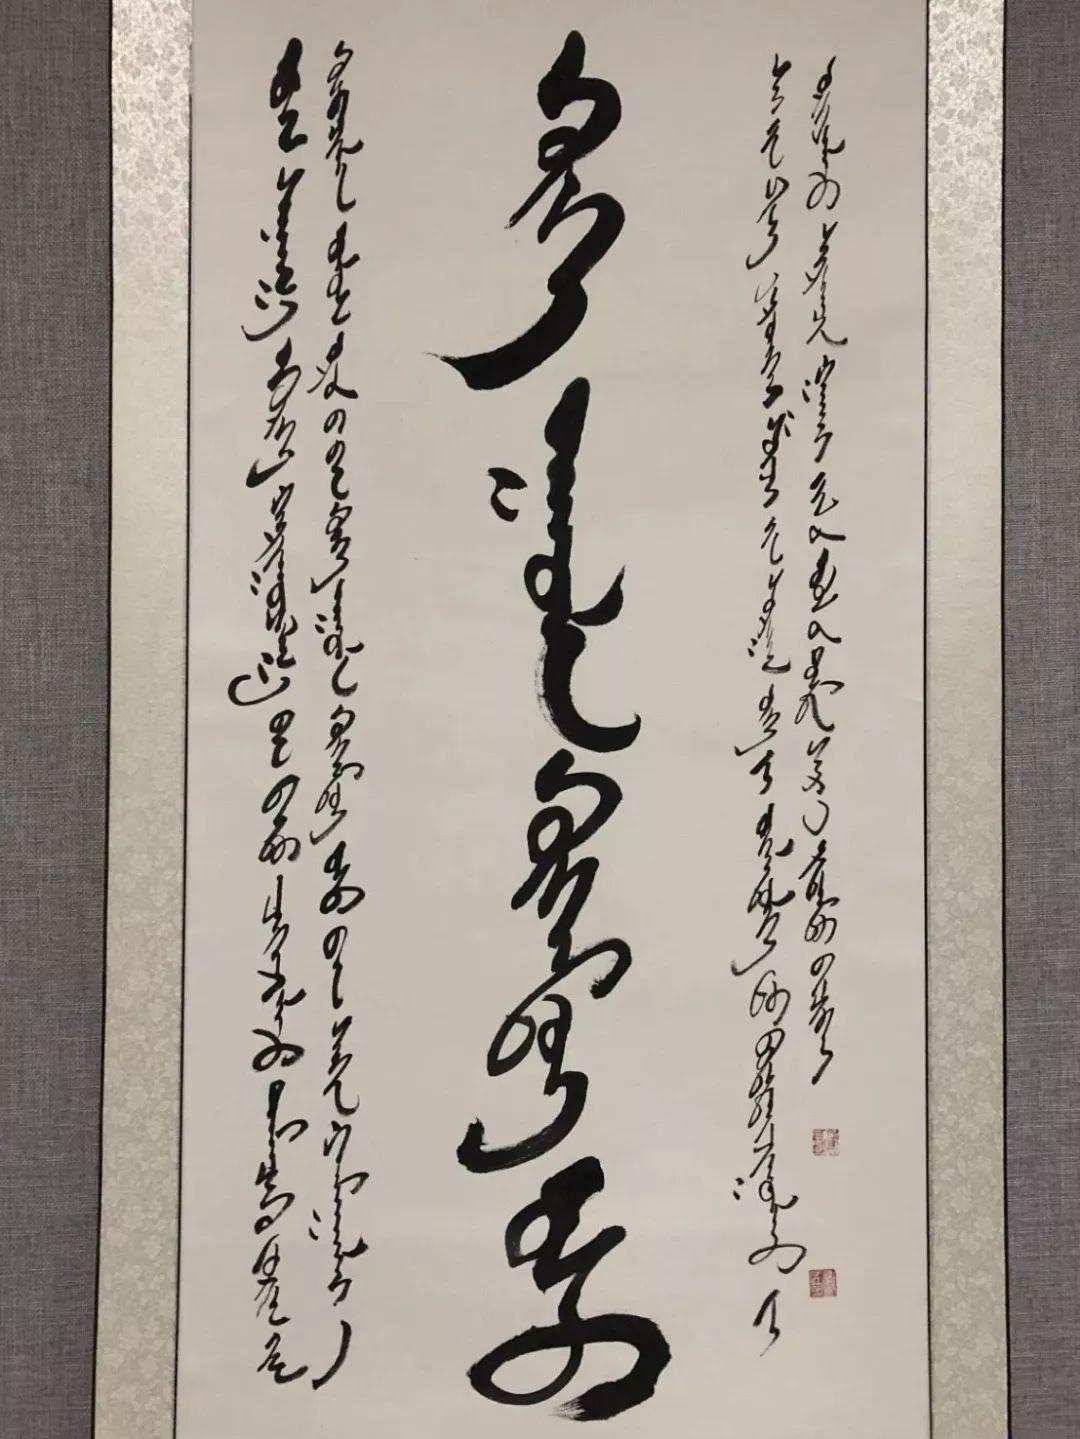 吉祥的哈达蒙古文书法系列活动 第12张